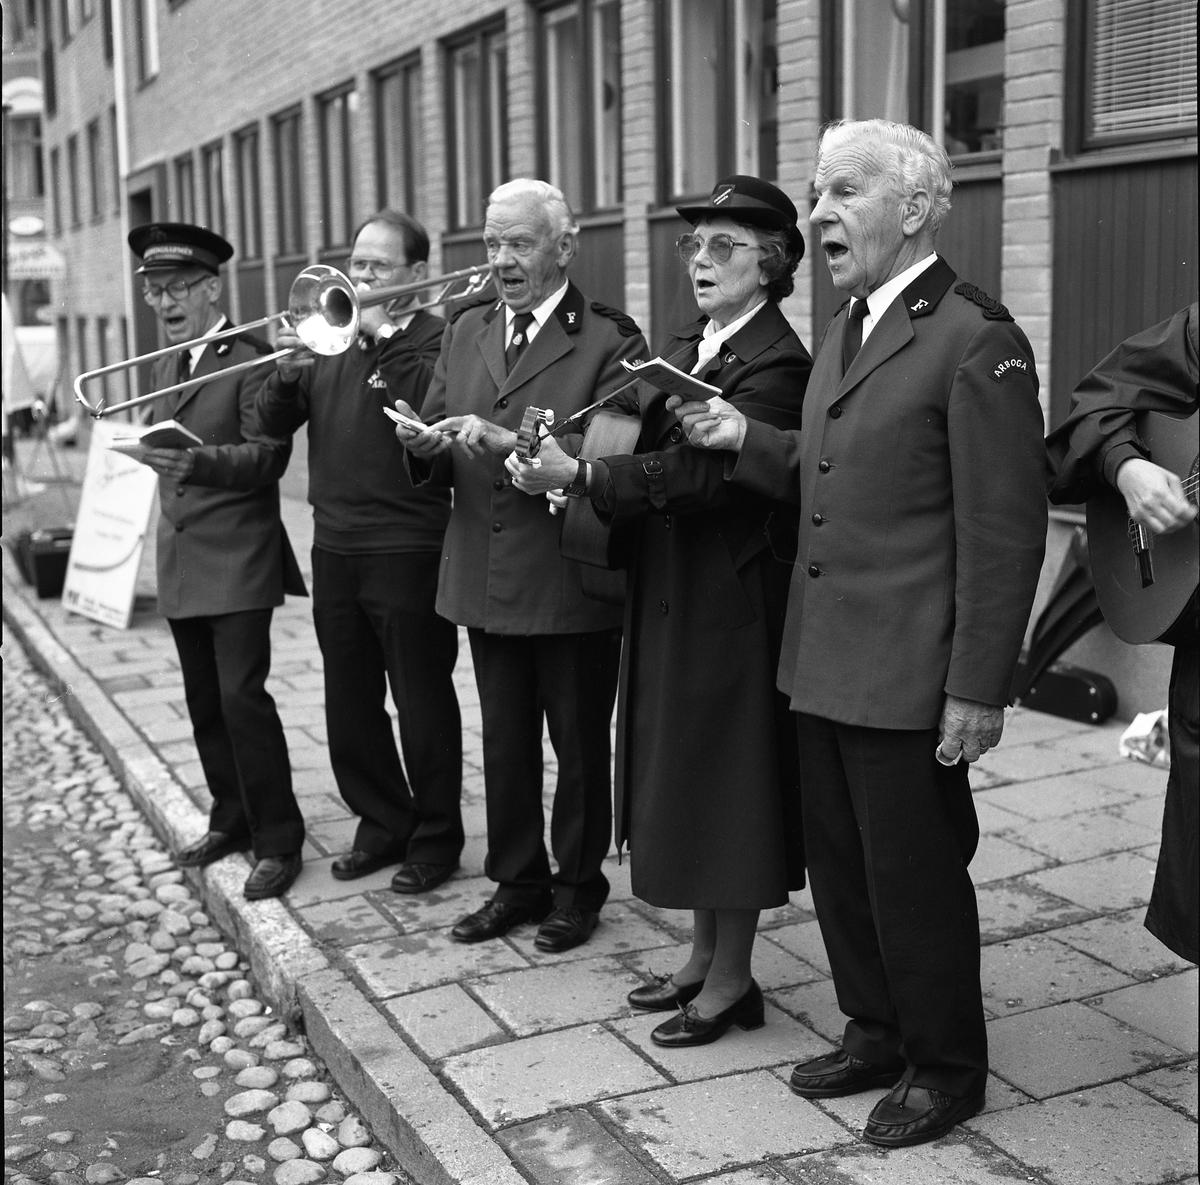 Frälsningsarmén sjunger på Höstmarknaden. Från vänster: Rune Gustavsson, Lennart Fransson (trombon), Folke Karlsson, Rut Karlsson och Paul Karlsson.